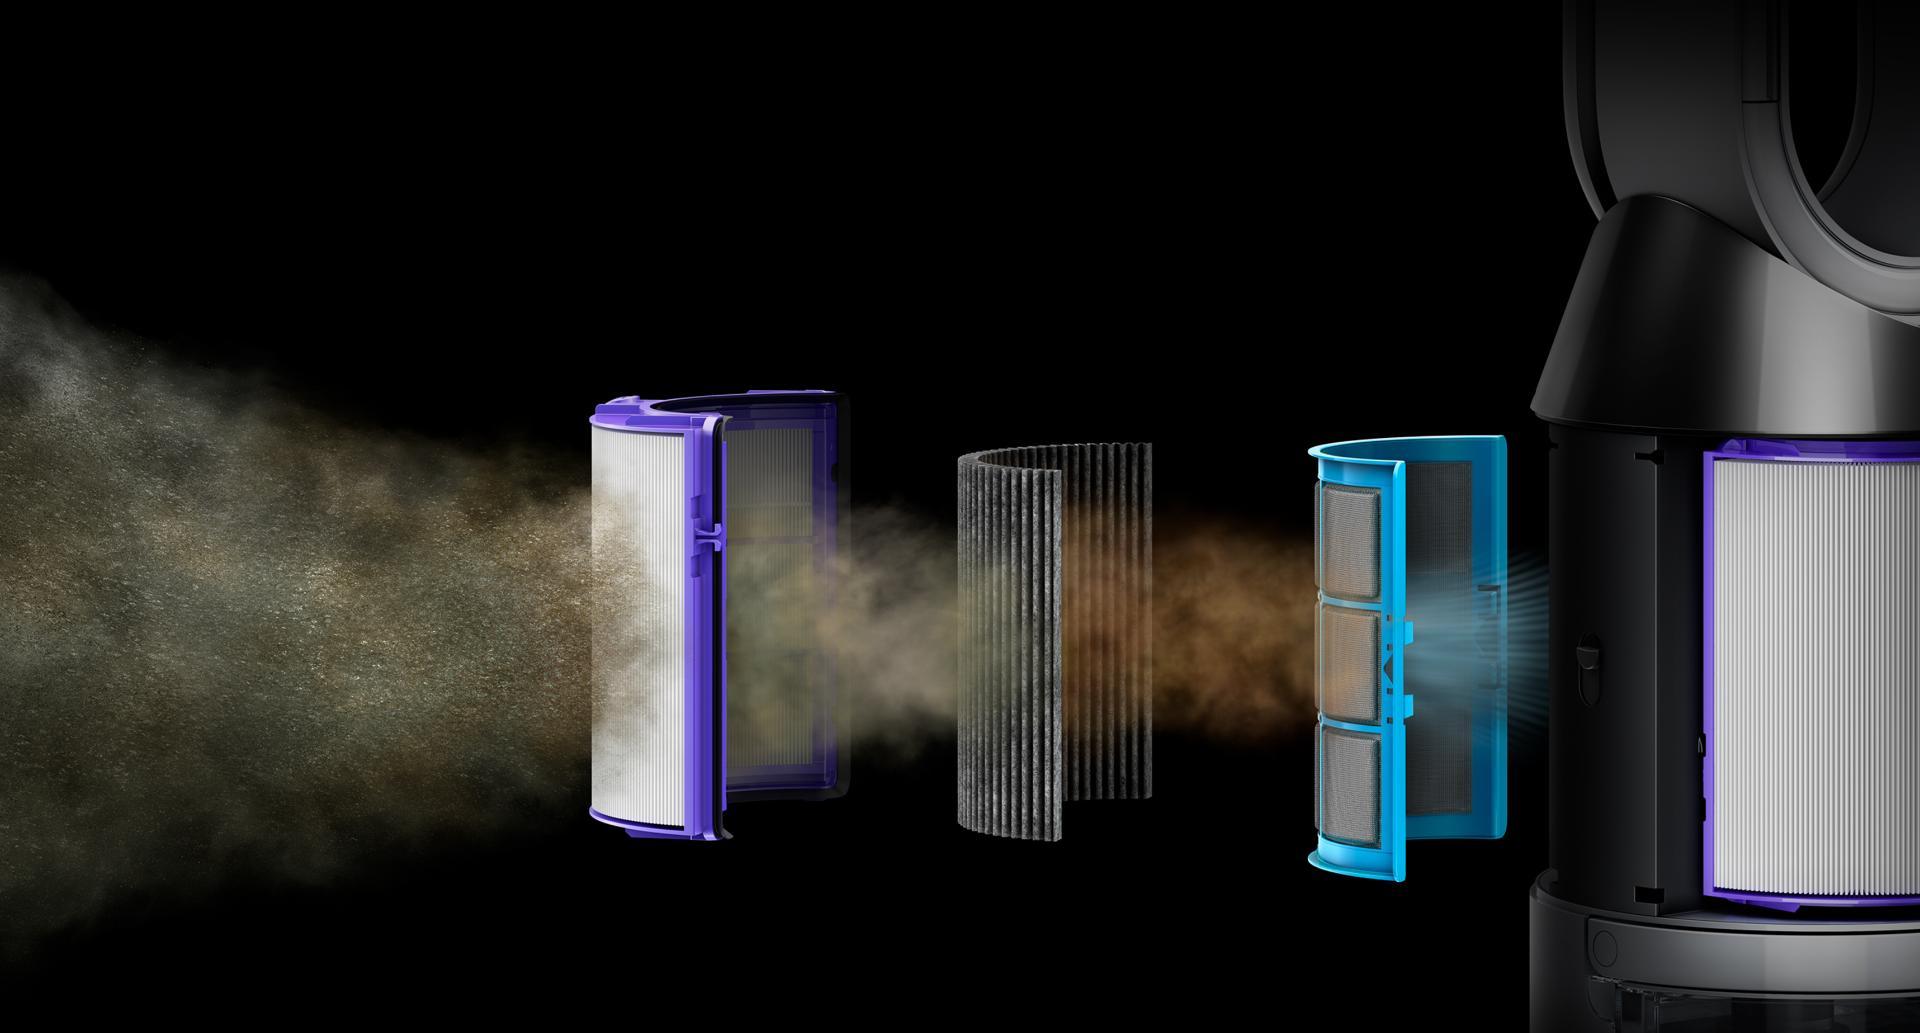 가스, 포름알데히드, 초미세먼지5는 다이슨 가습 공기청정기의 필터 시스템으로 정화됩니다